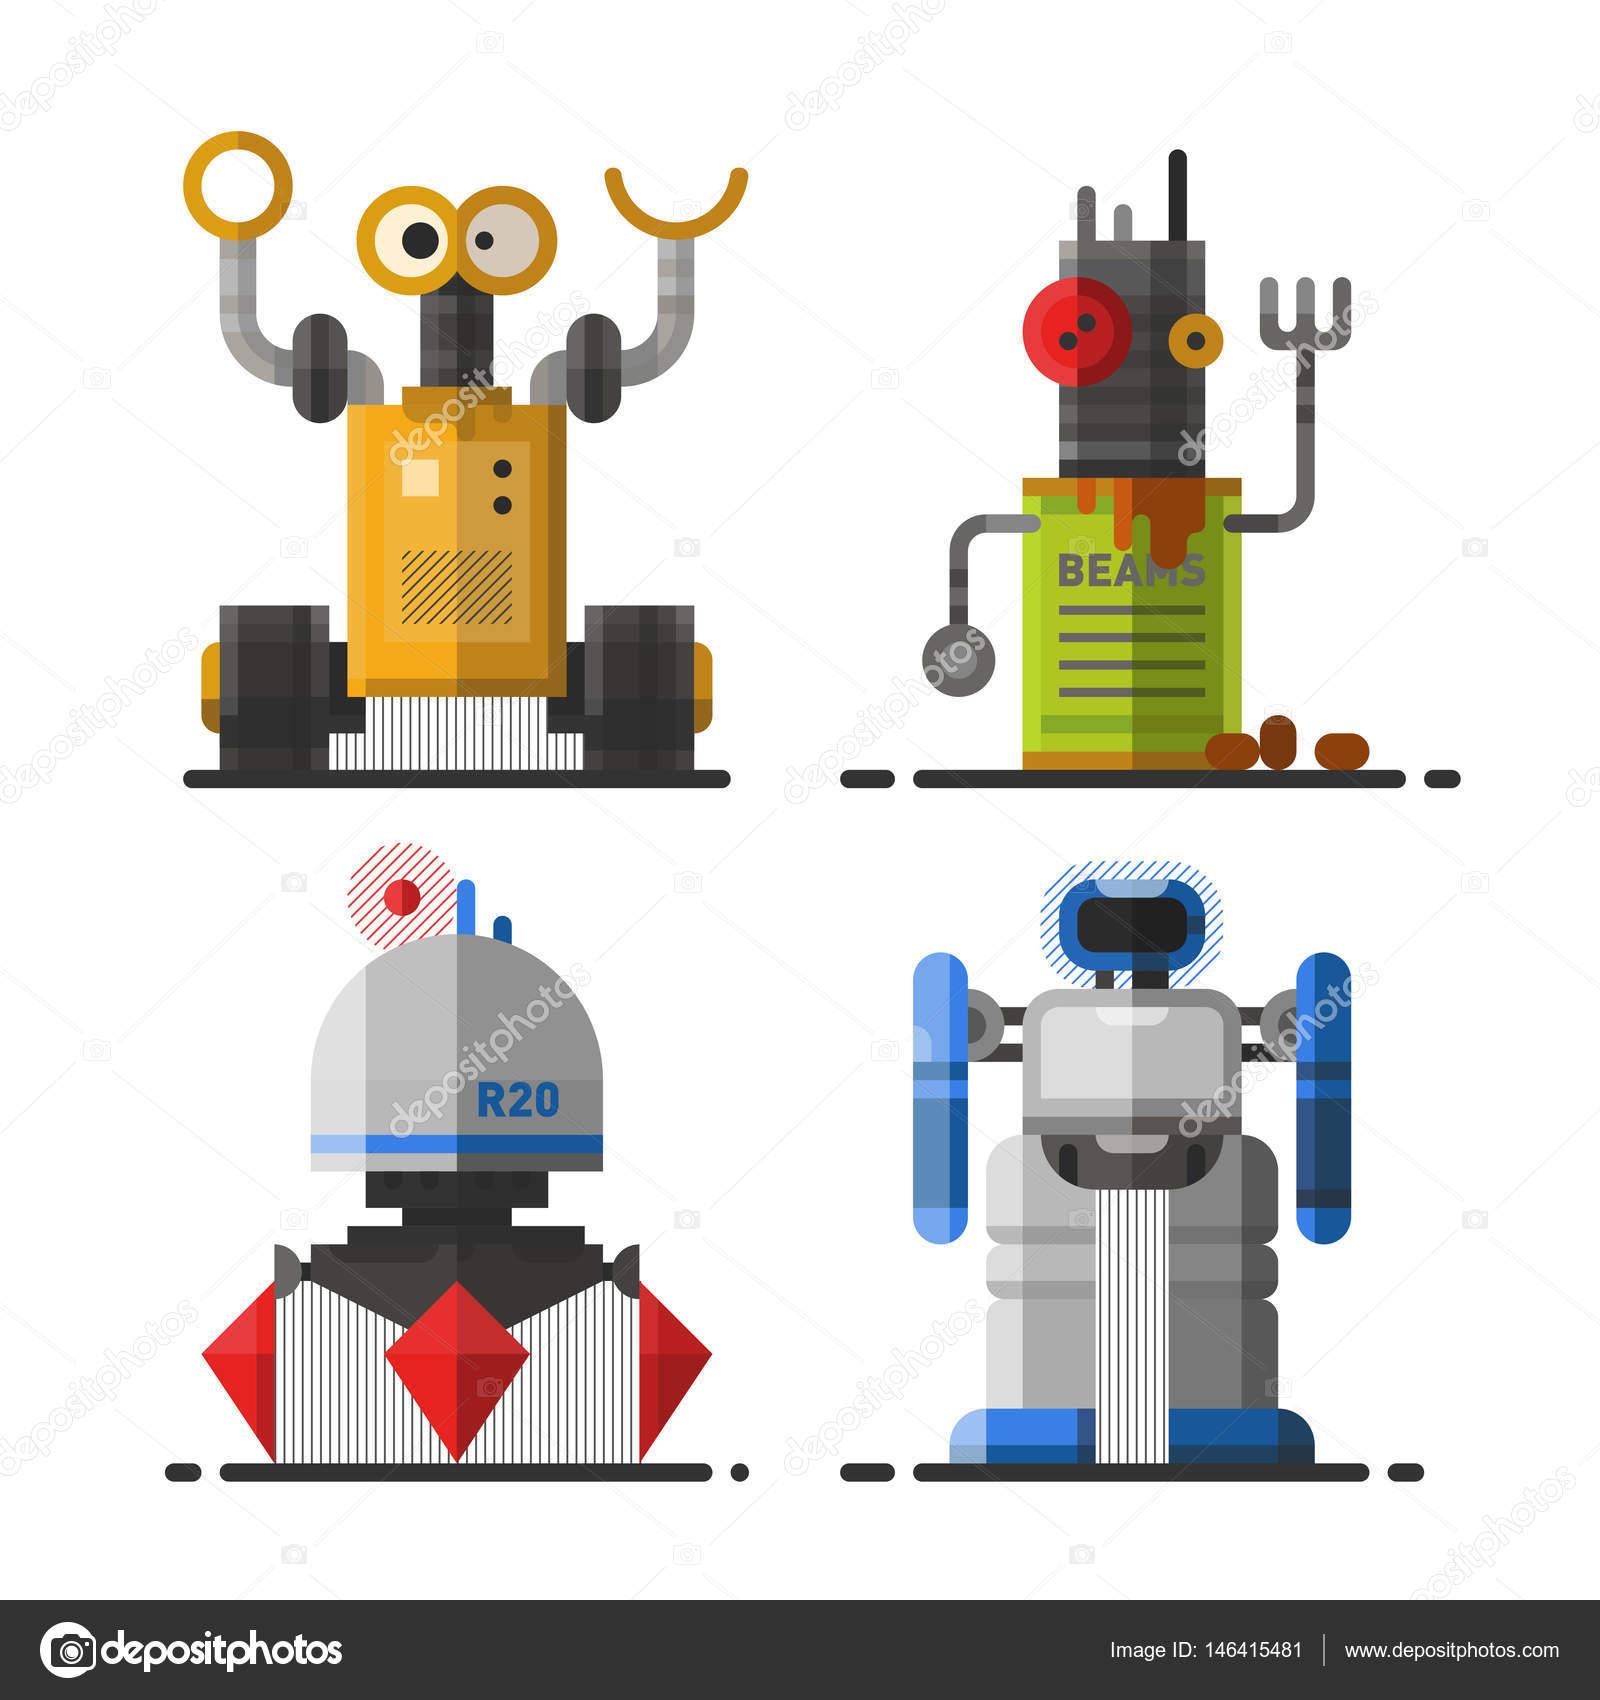 lindo robot vintage tecnologa mquina ciencia futuro juguete y cyborg futurista diseo elemento robtico icono personaje